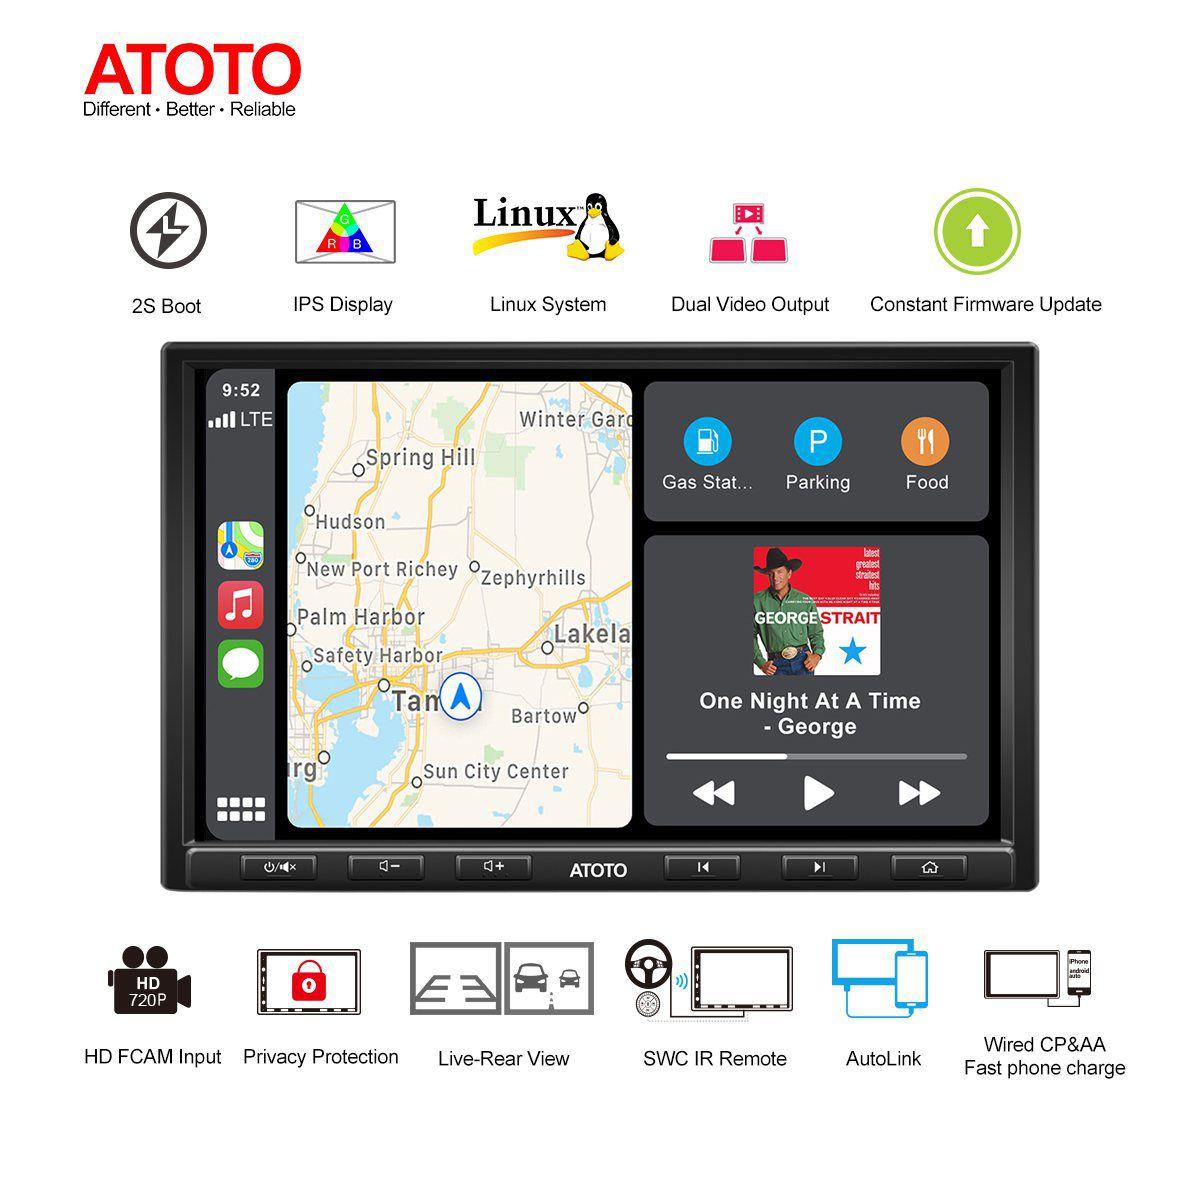 Мультимедийный проигрыватель ATOTO F7 Pro, автомобильная стерео-магнитола для CarPlay, 8 дюймов, 2DIN, для США, Канады, Мексики